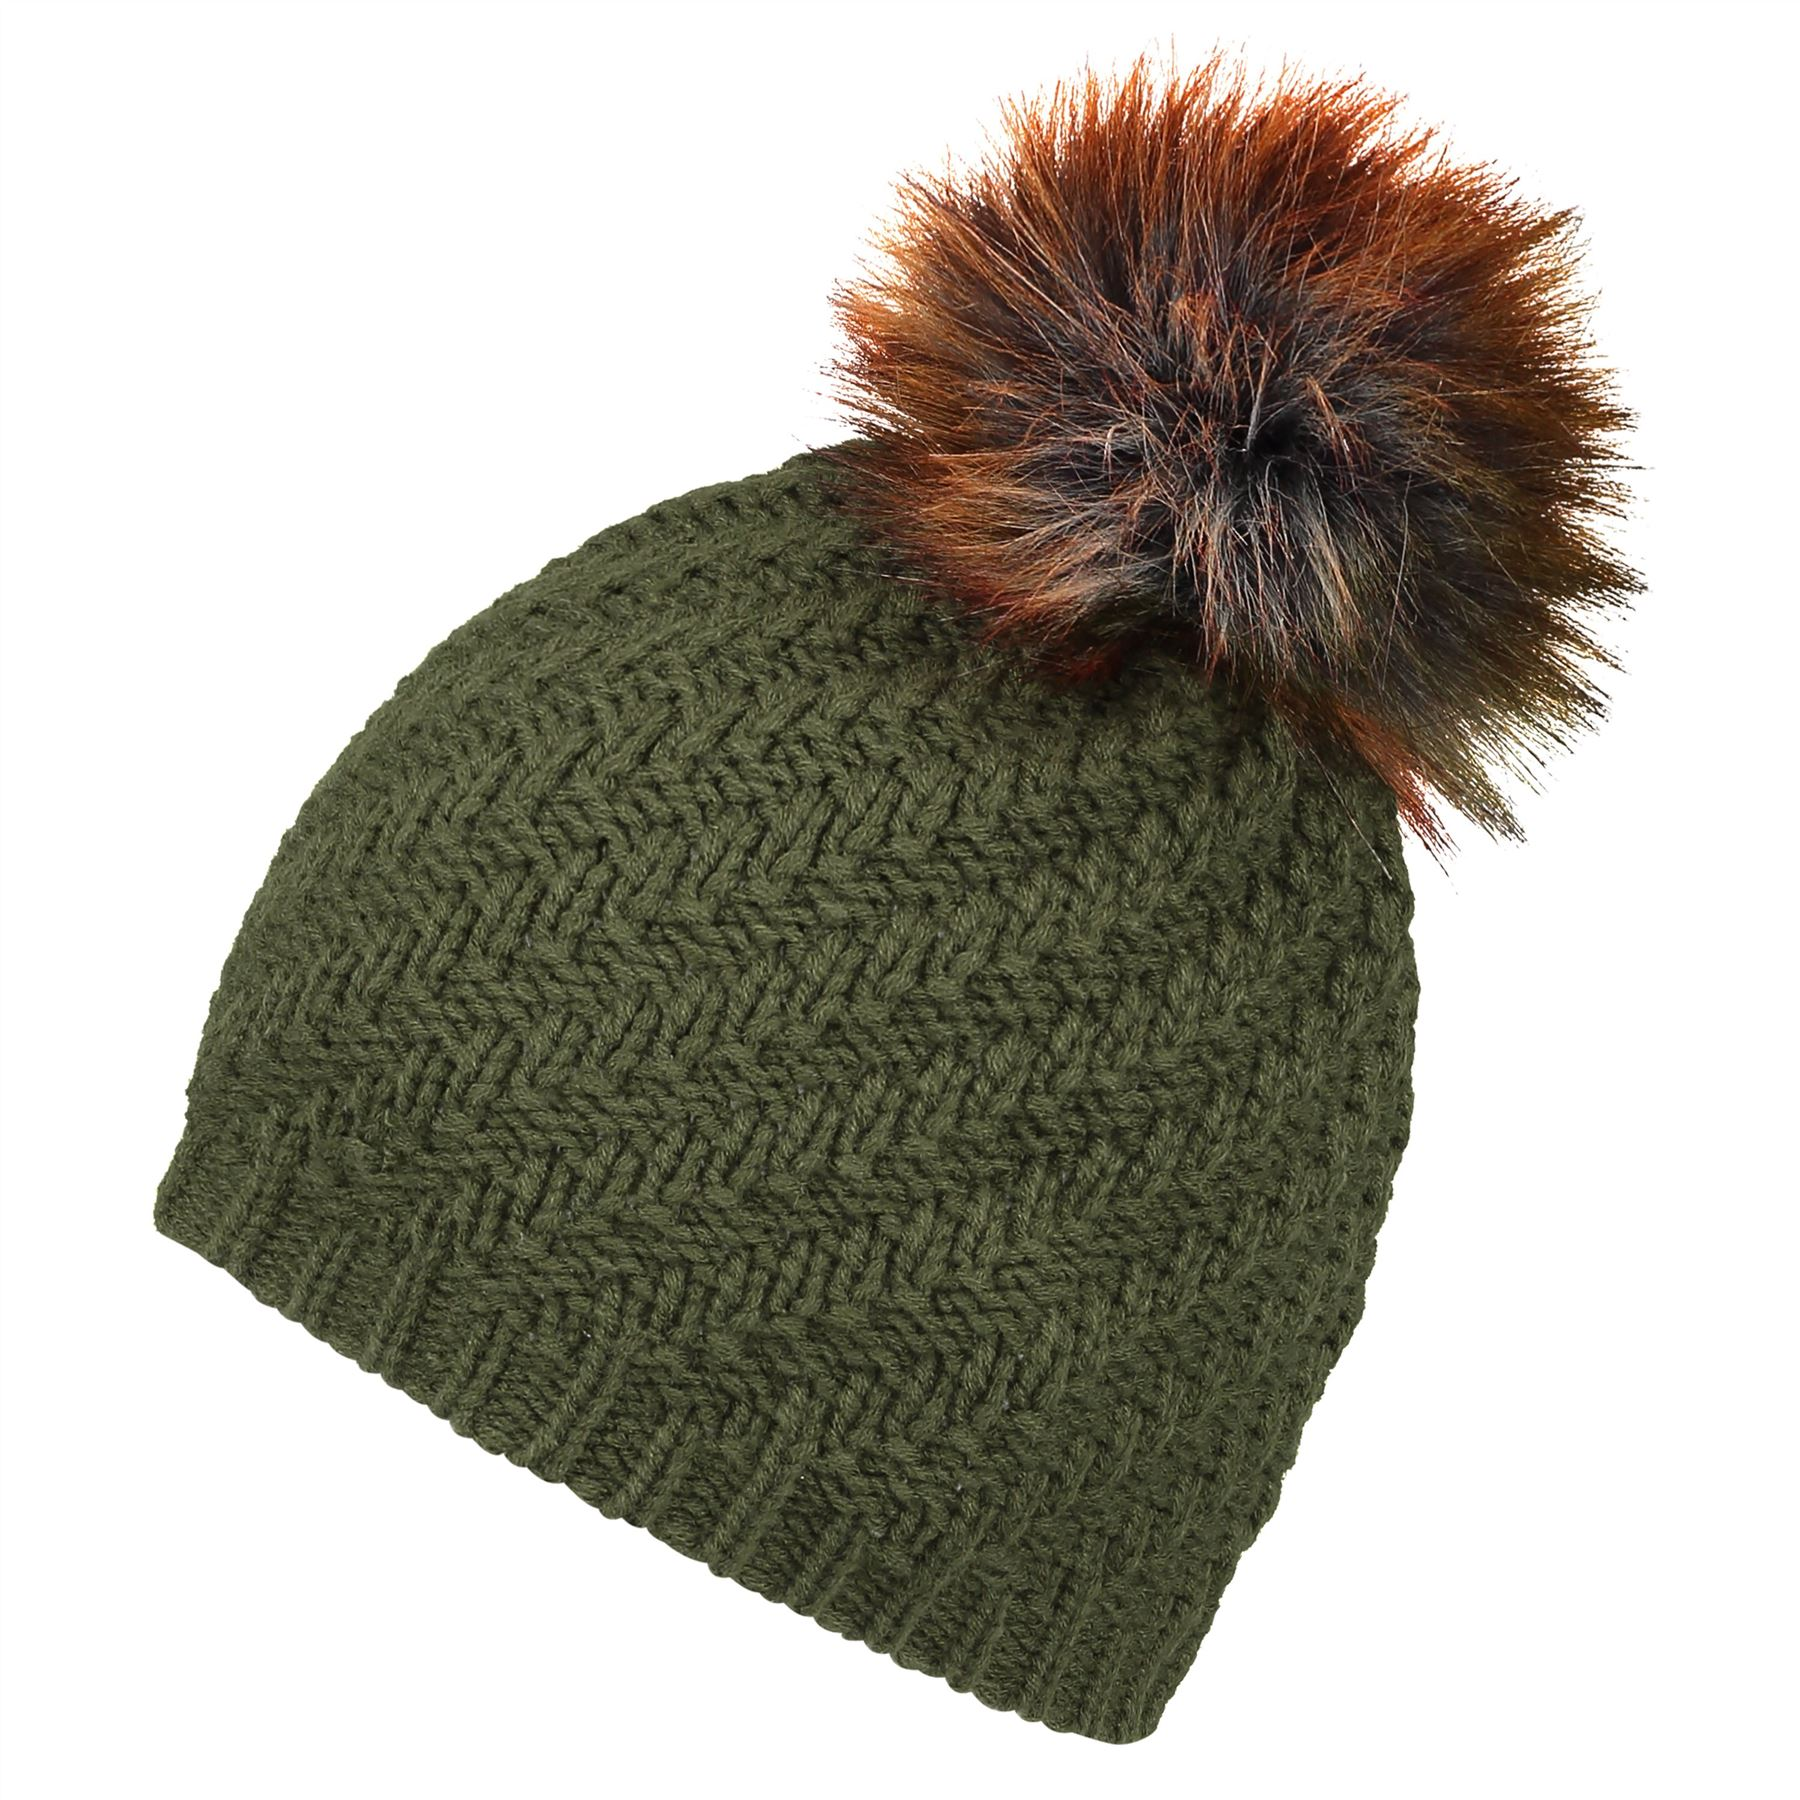 Image of Faux Fur Pom Beanie Hat - Classic Khaki - One Size